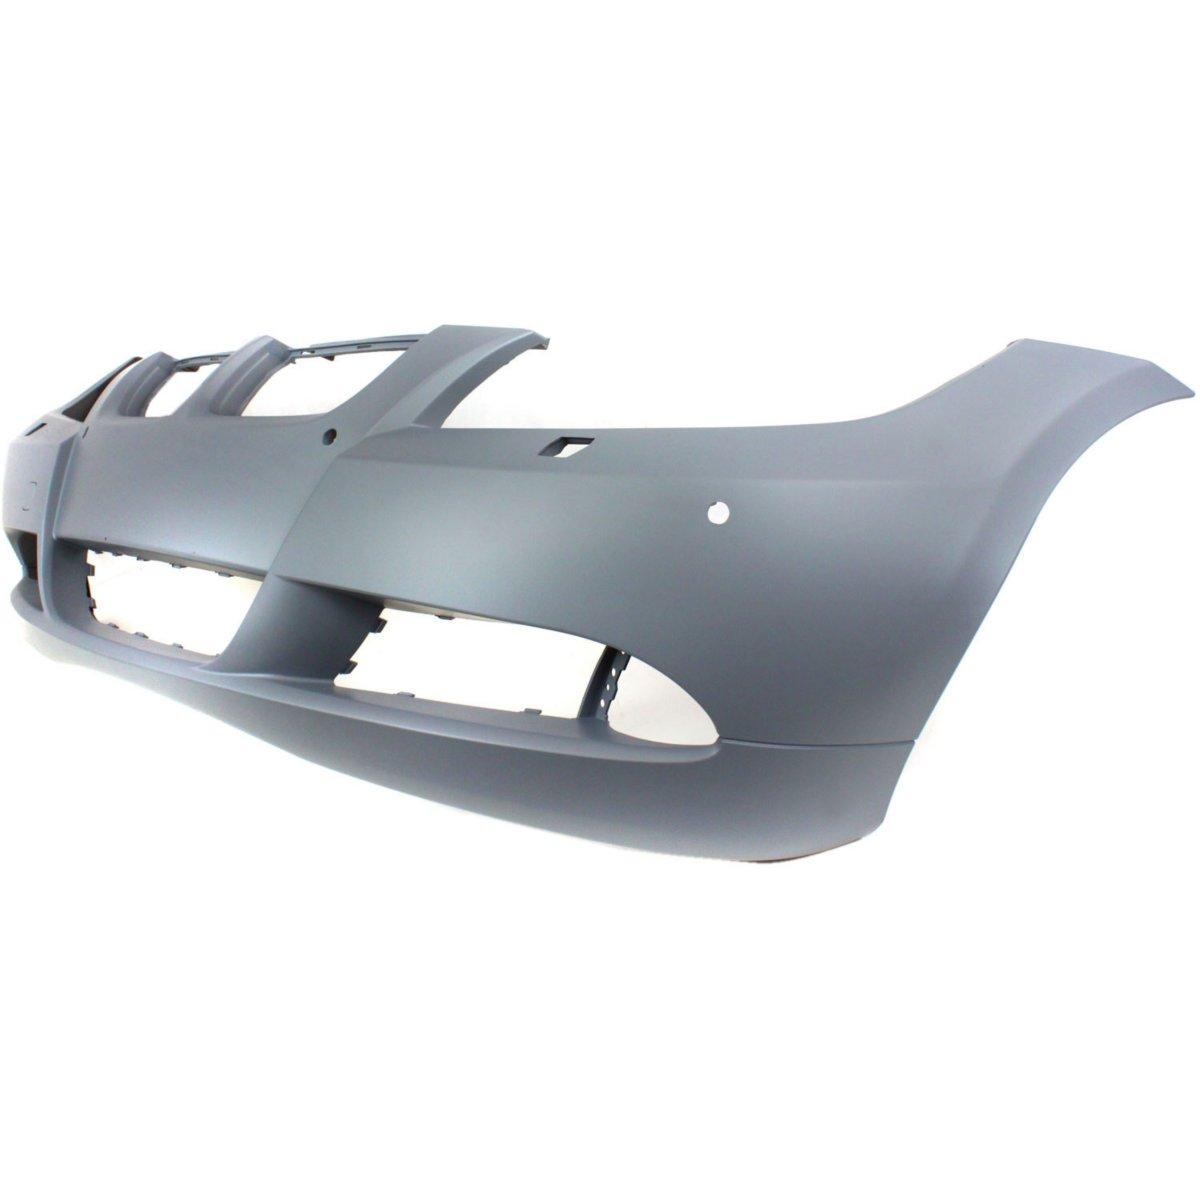 Bmw Xi Reviews: 51117170053 BM1000177 Front New Bumper Cover 325 I 323 328